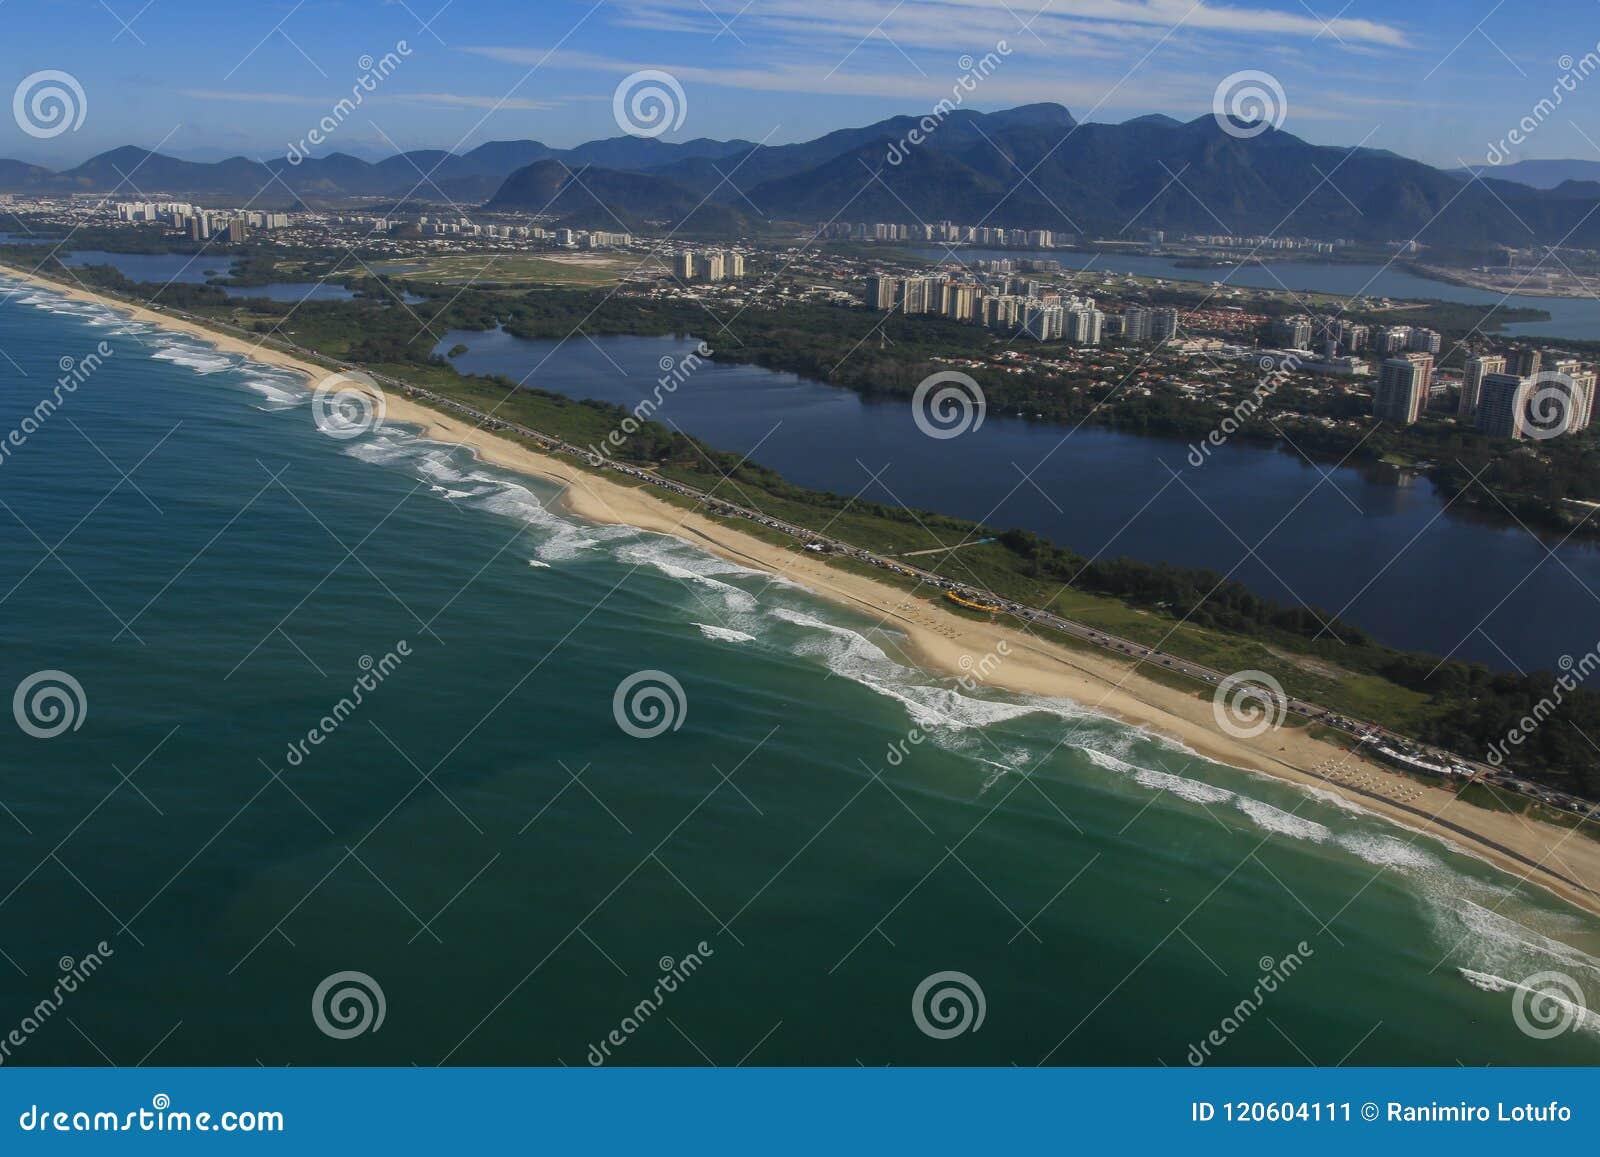 Långa och underbara stränder, strand för Recreio DOS Bandeirantes, Rio de Janeiro Brazil